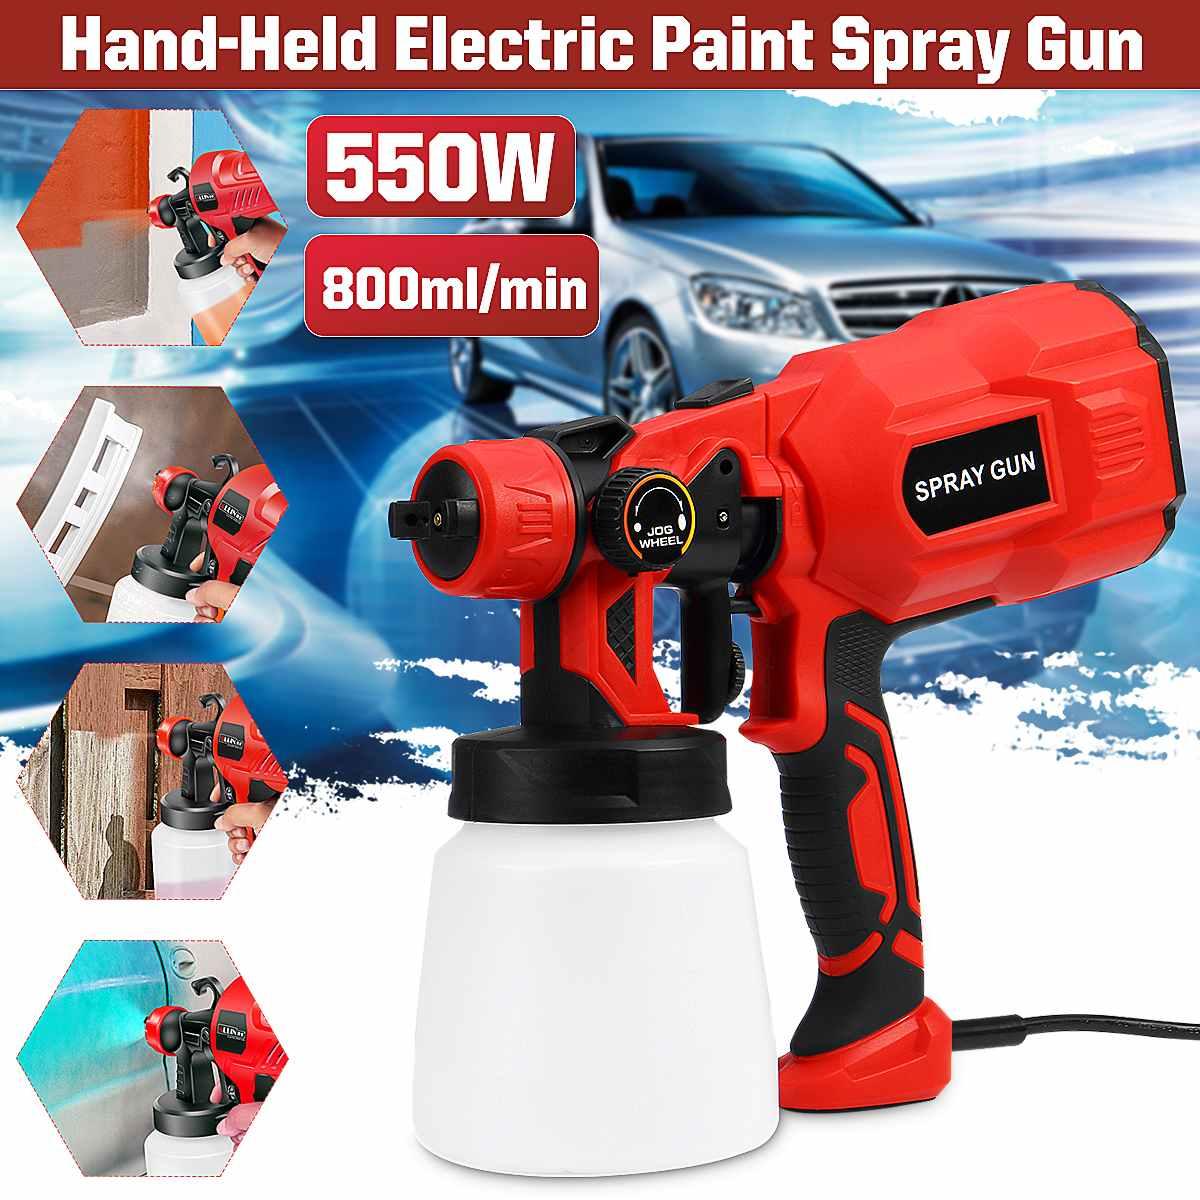 1.8/2.5MM Nozzle Spray Guns Paint 650W 220V 800ML High Power Spray Guns Home Electric Paint Sprayer Easy Spraying Clean